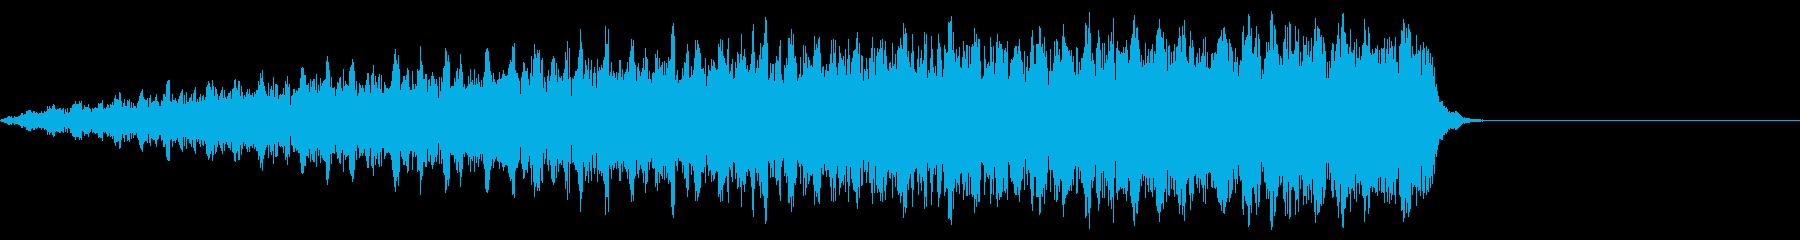 シュギューンシュギューンの再生済みの波形